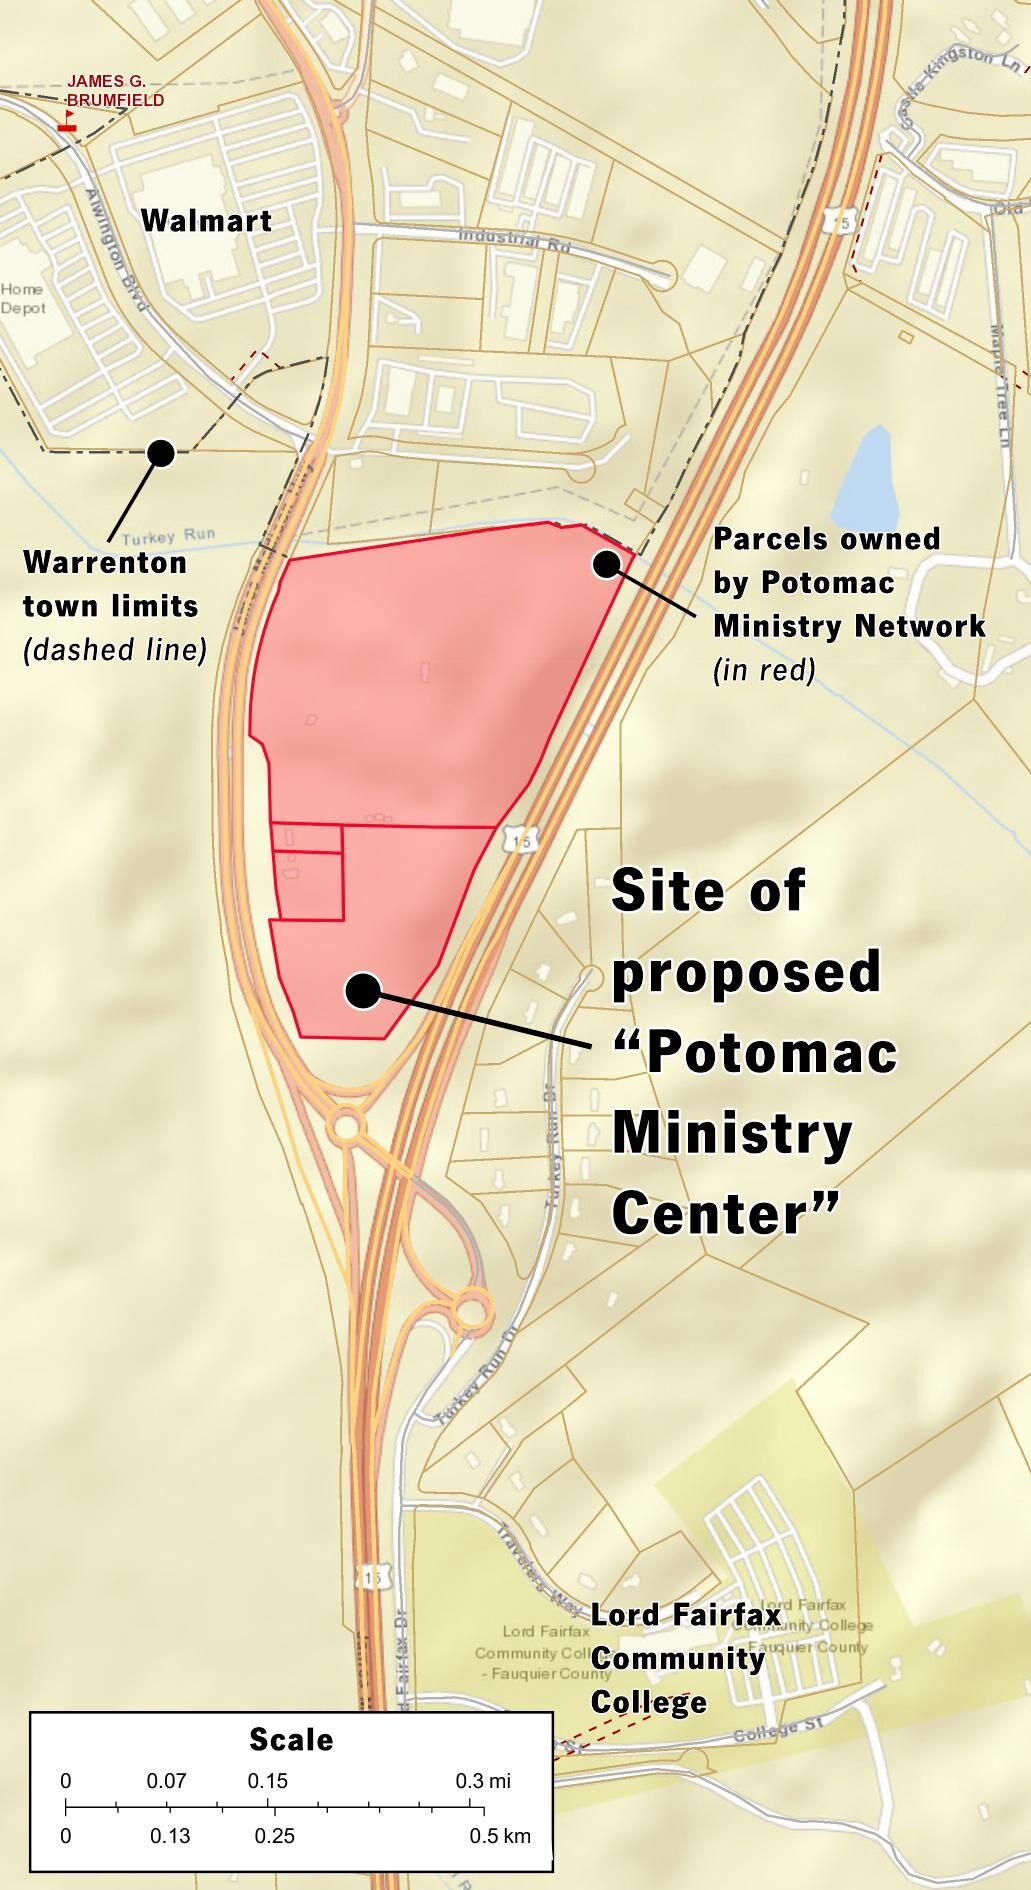 photo_ft_news_potomac ministry center map.pdf